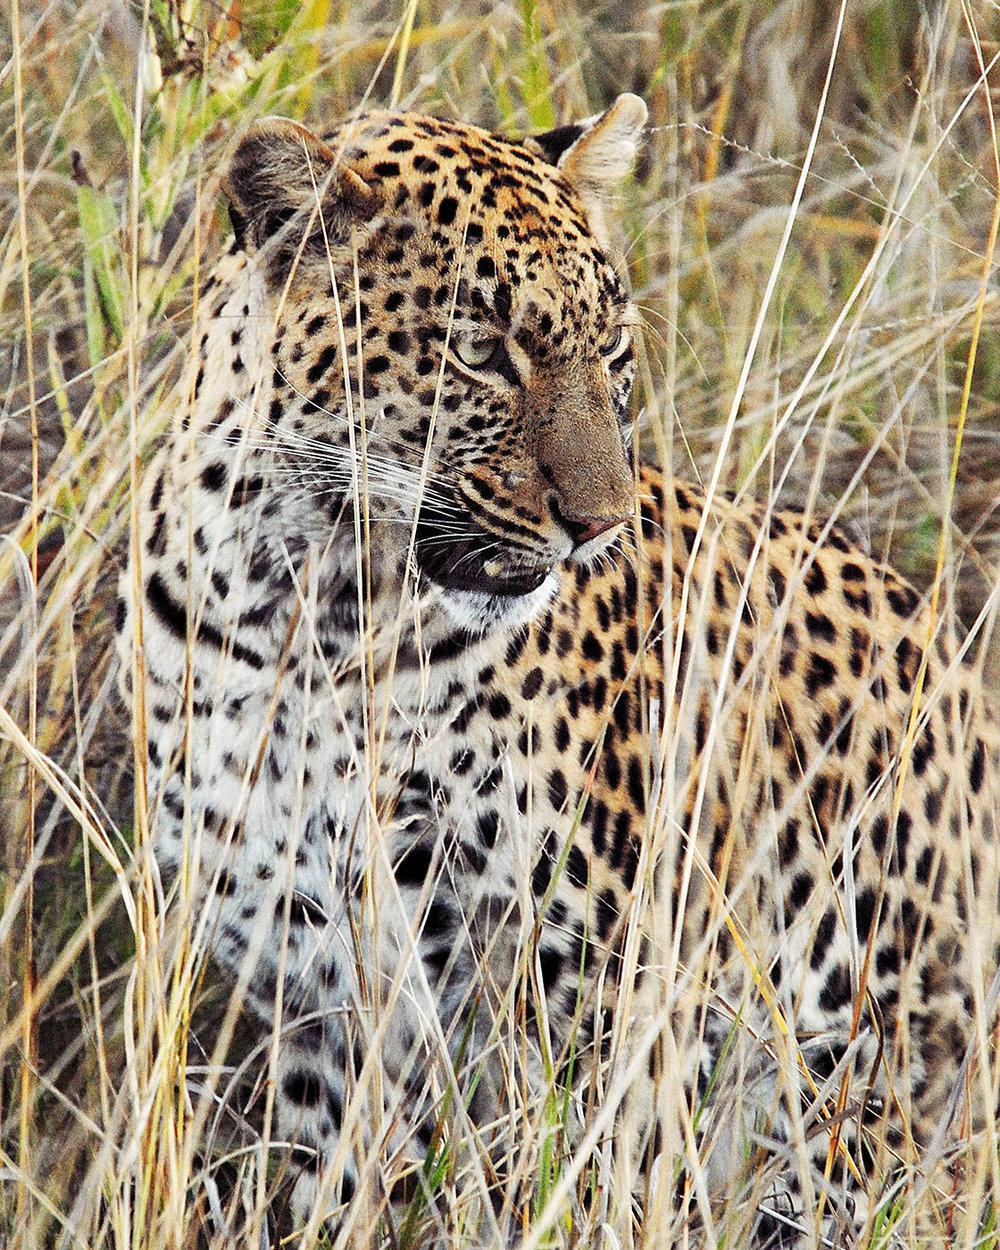 Leopard_MouthOpen_web2019.jpg